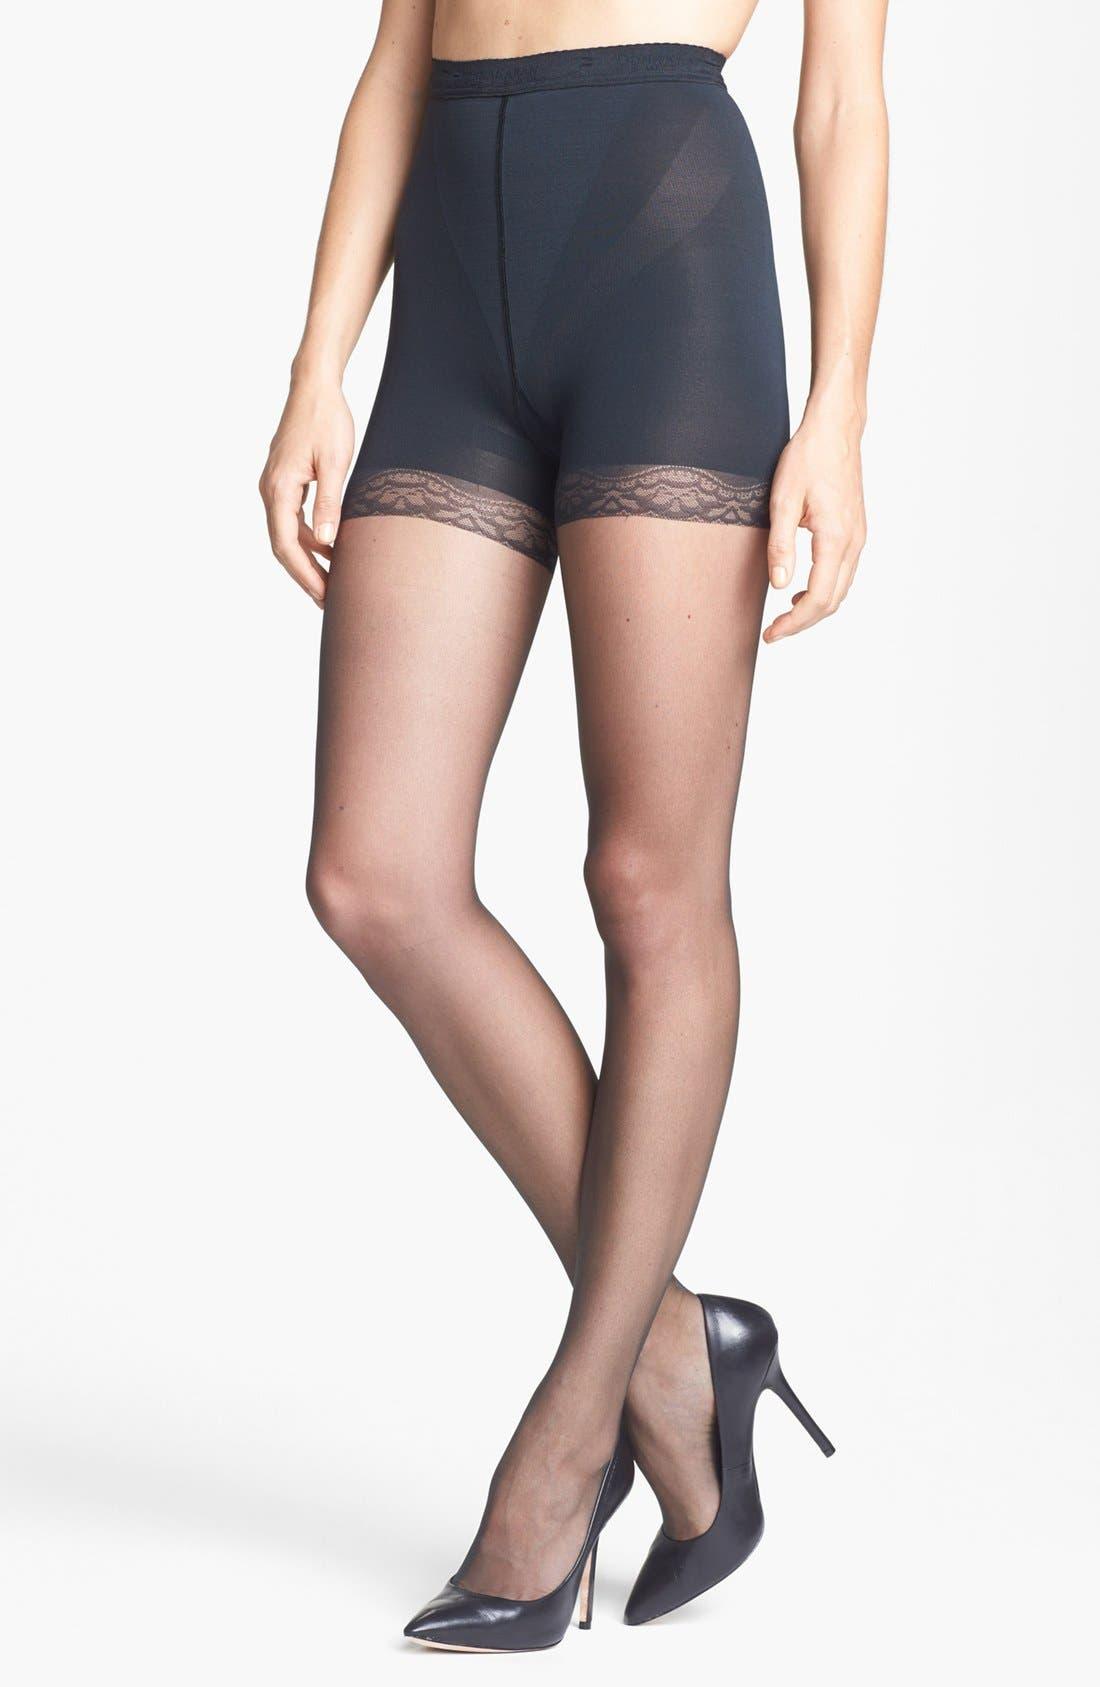 Stockings stories Panties pantyhose